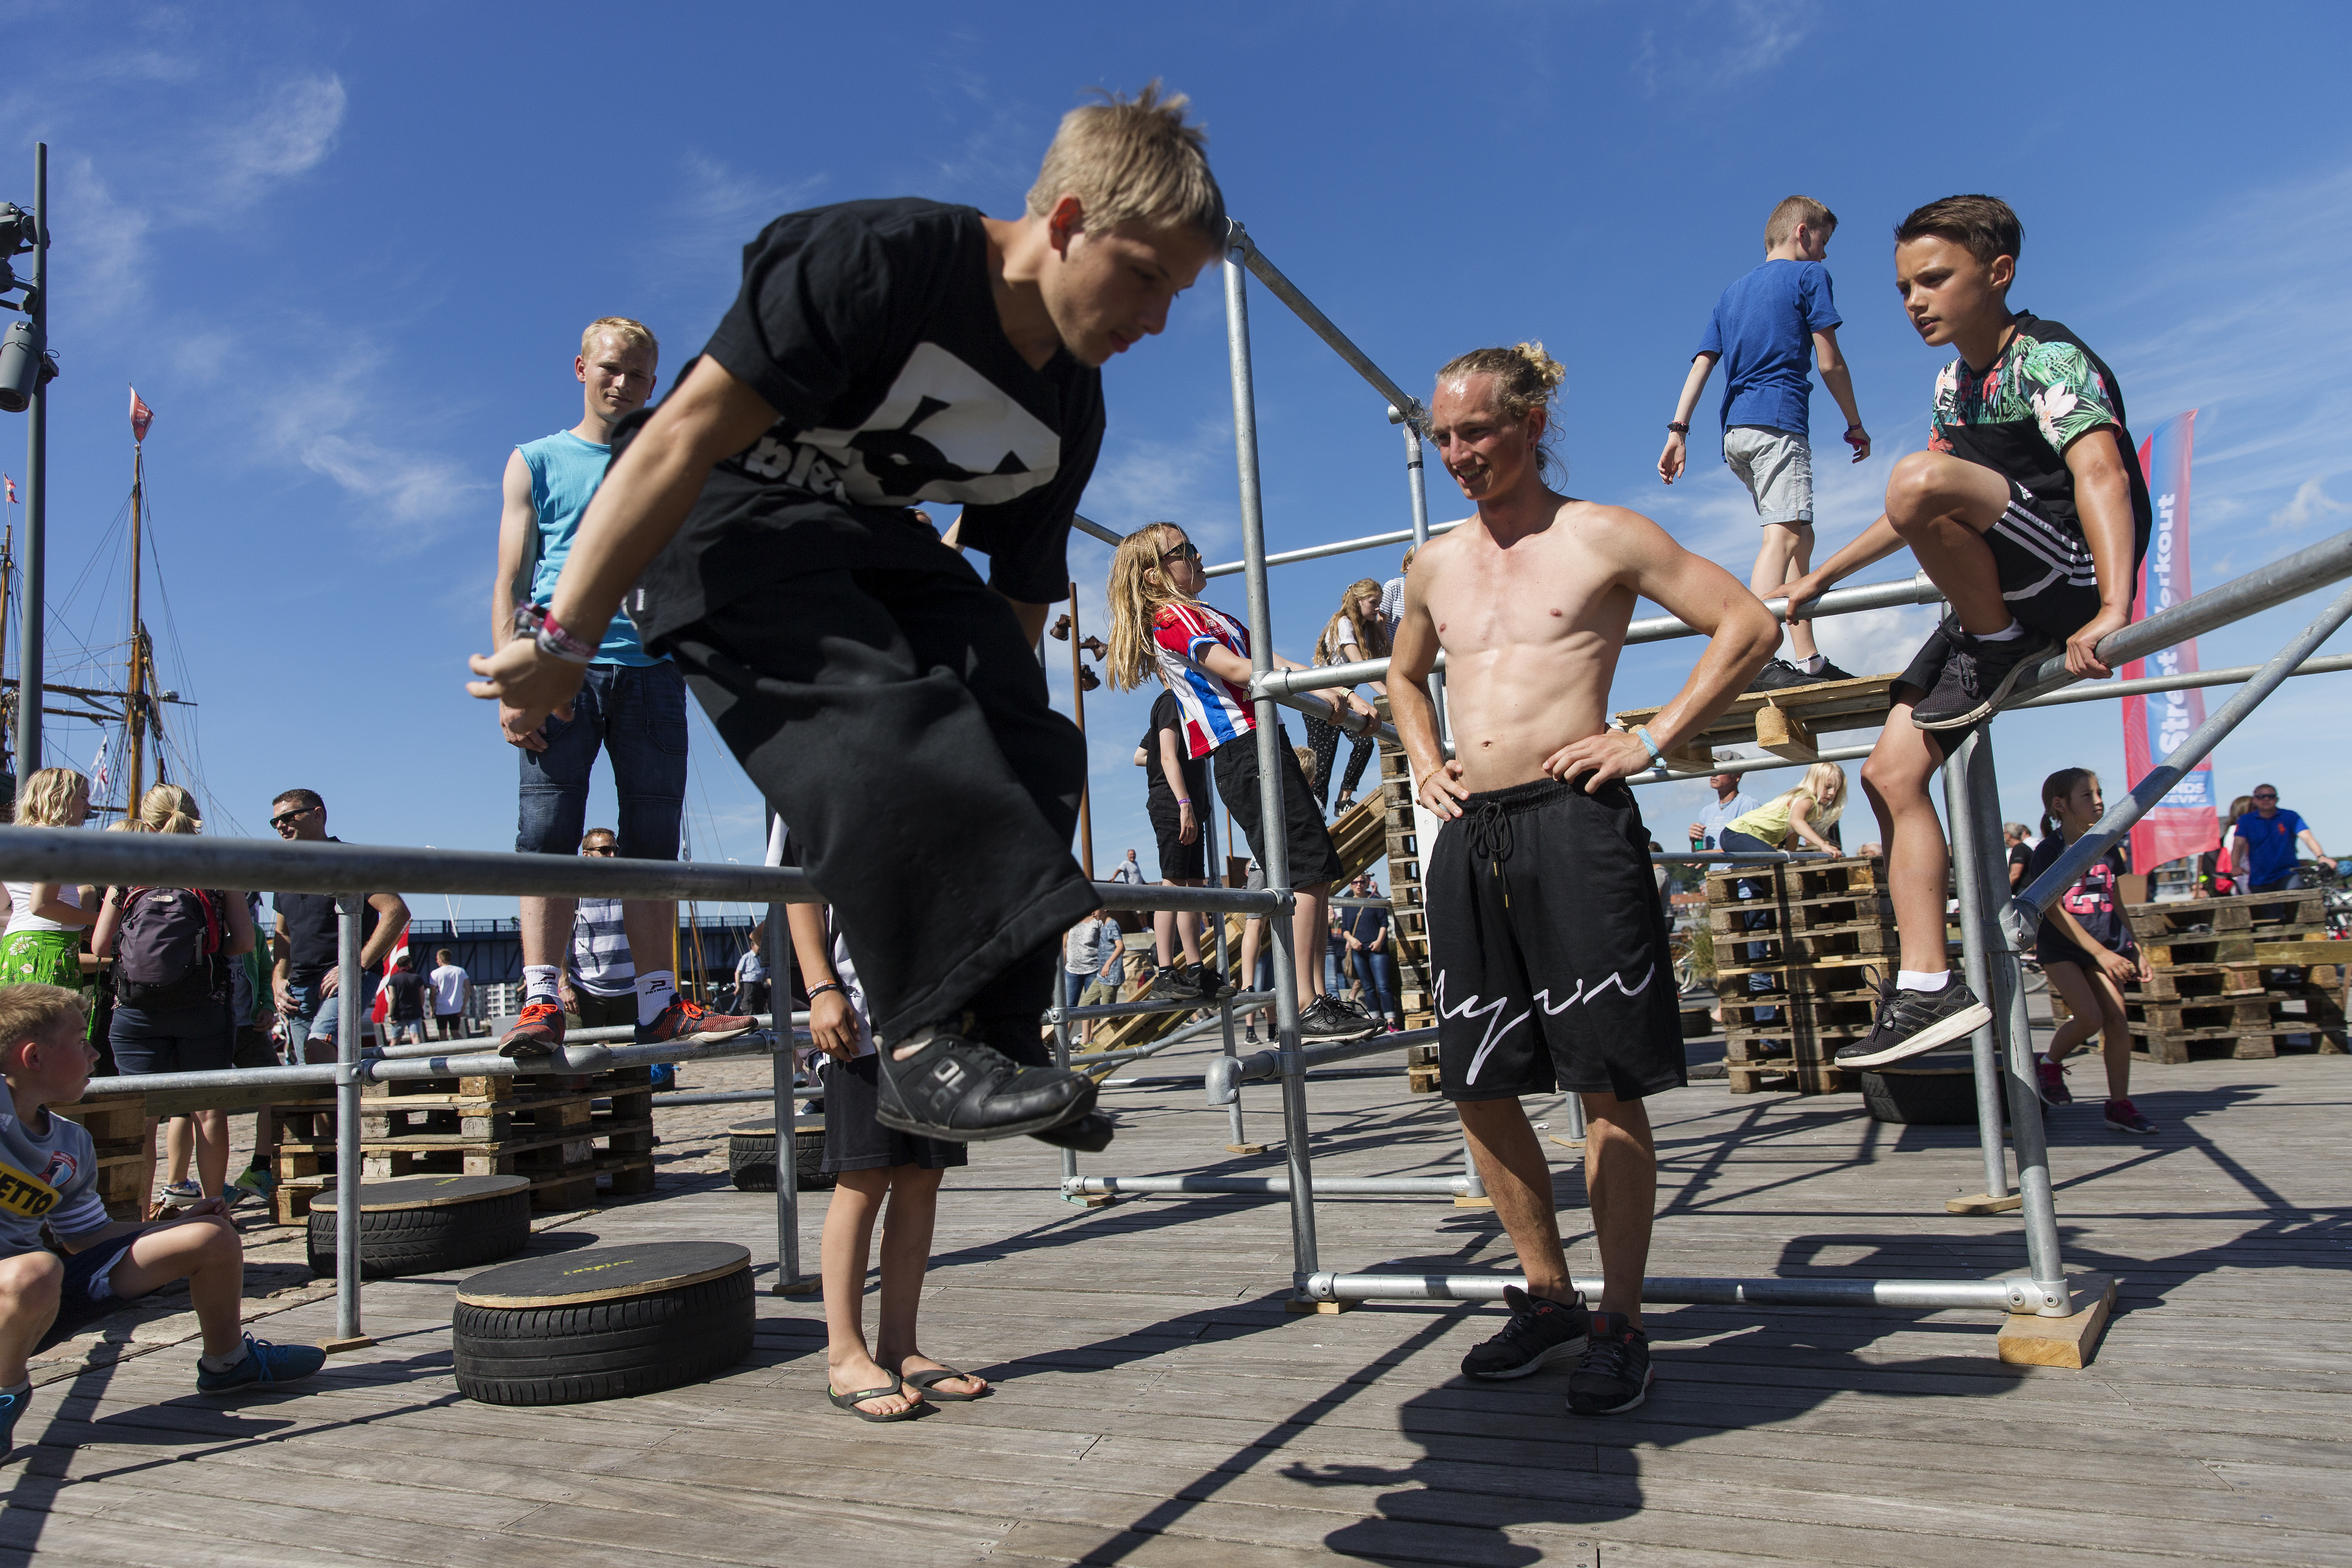 IDRÆTSMØDET samler Aalborg: Prøv over 25 forskellige sportsgrene på en weekend